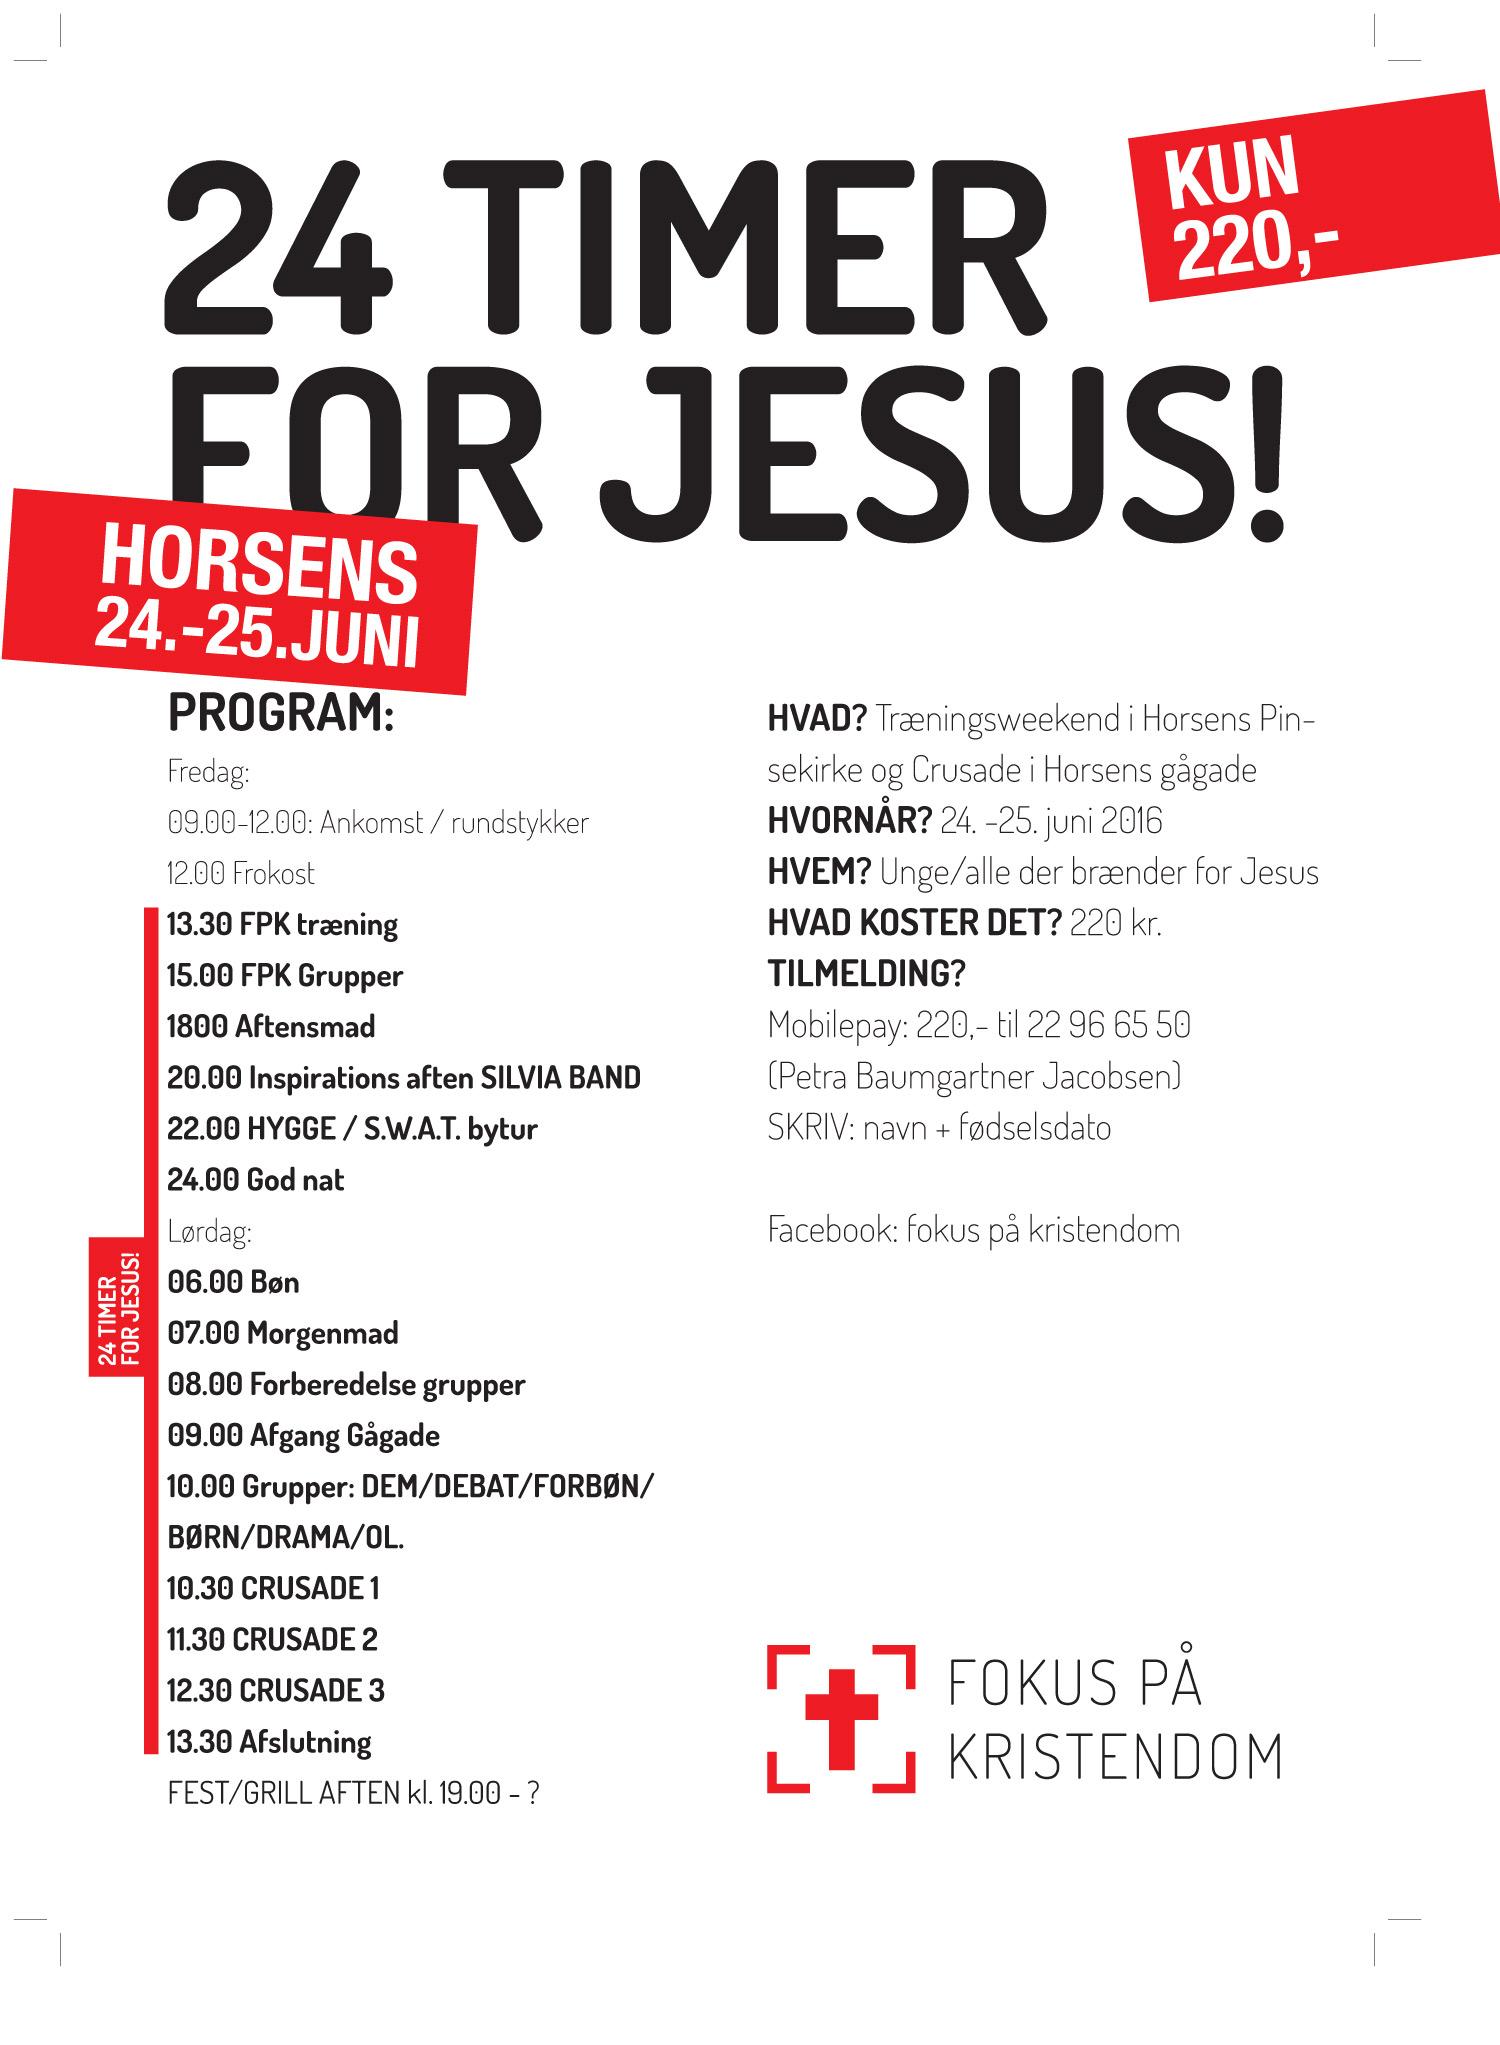 Fokus på kristendom